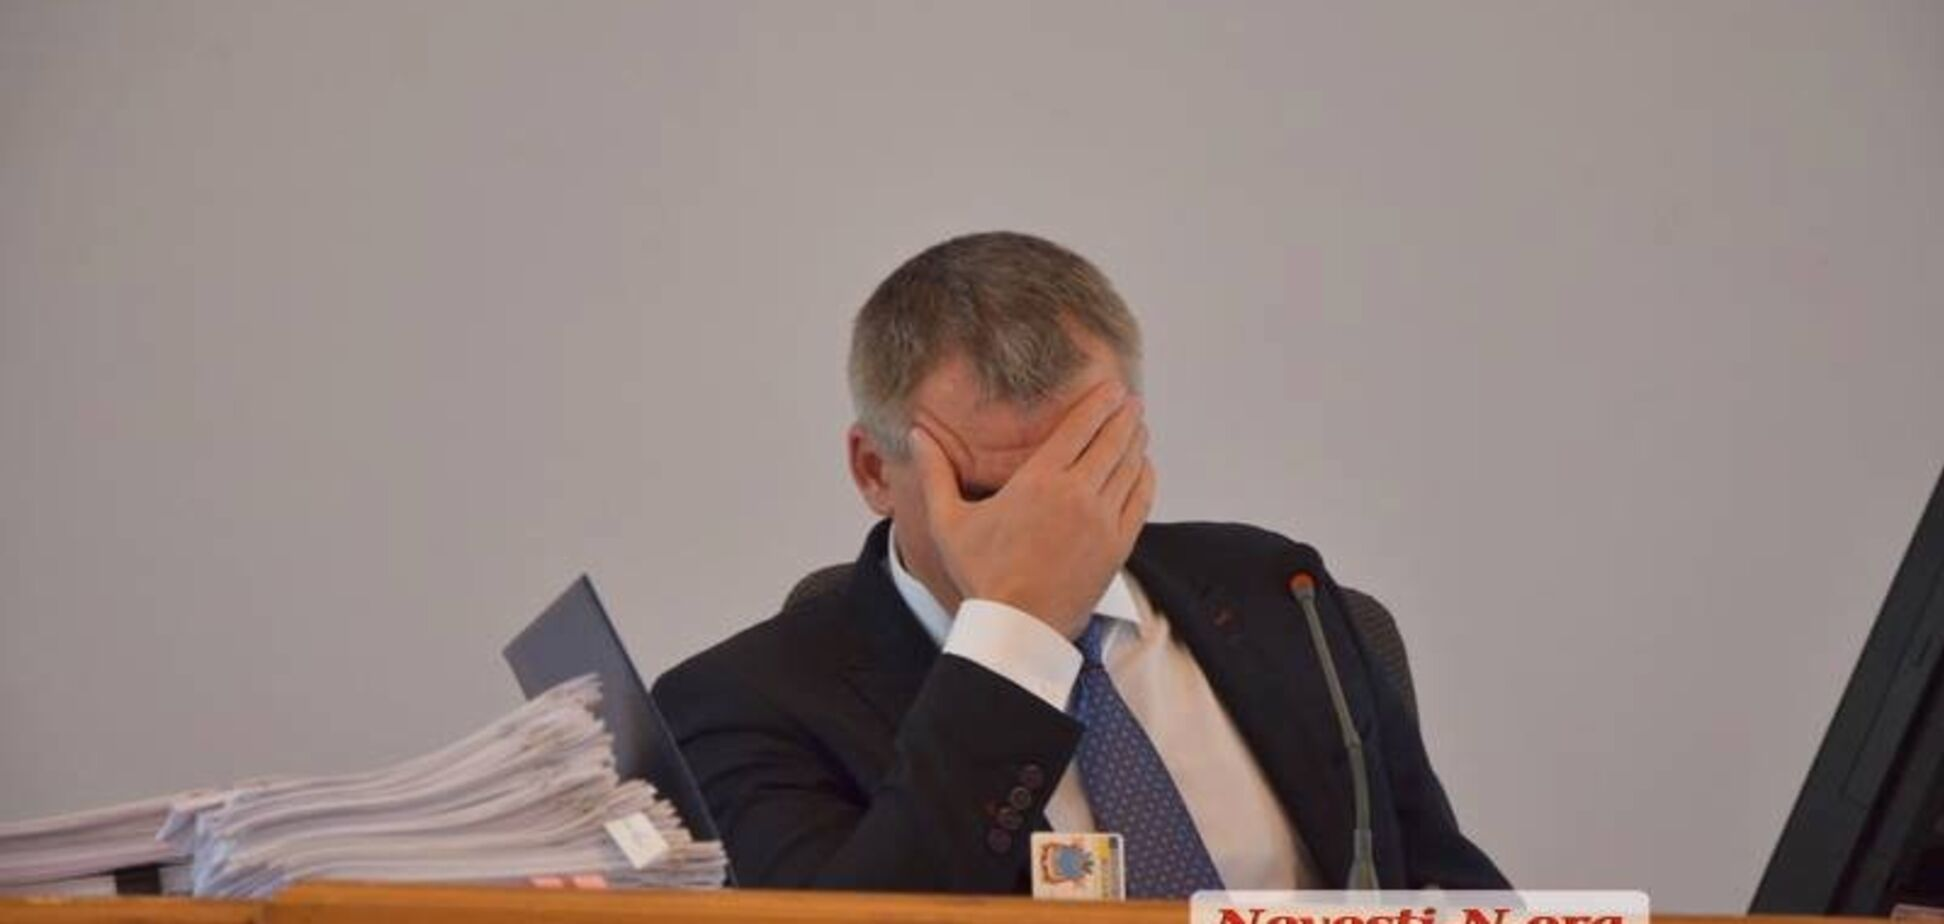 Політичний скандал у Миколаєві: депутати оголосили імпічмент меру Сенкевичу